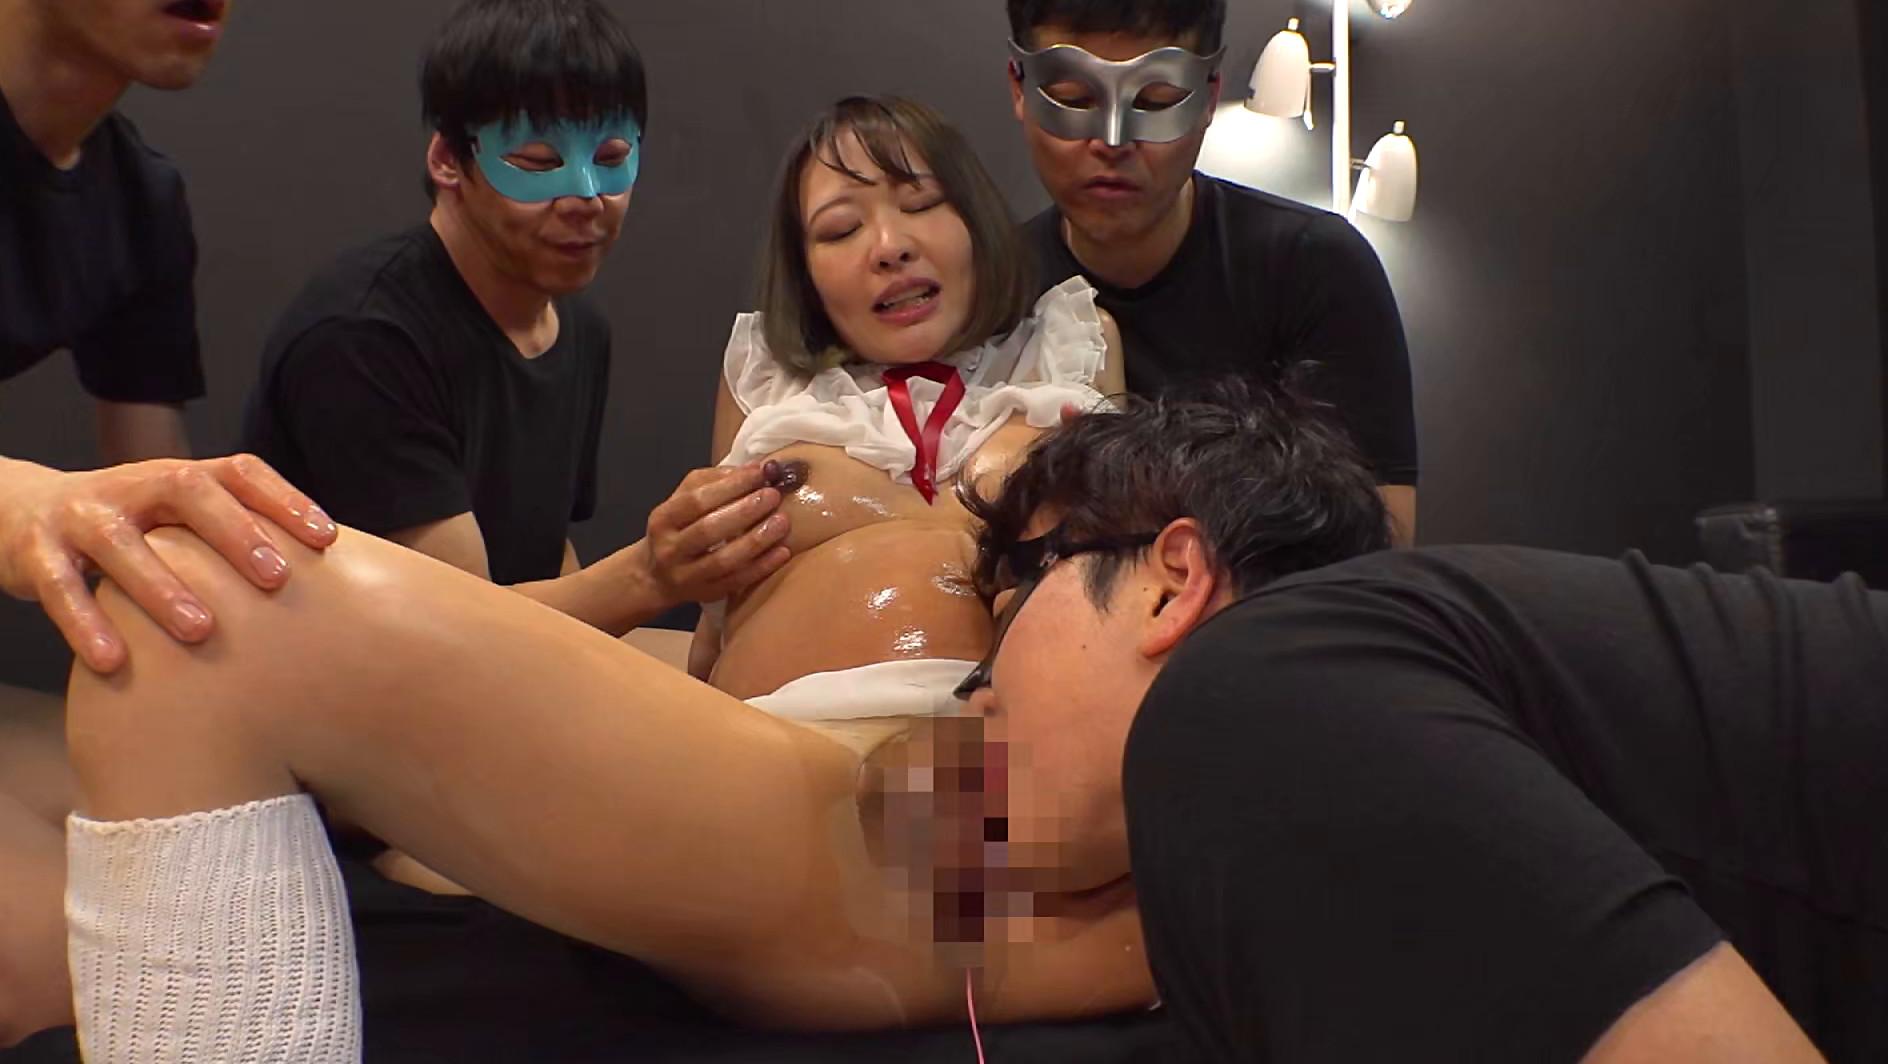 【個人撮影】ななこ(妊婦)乱交 画像7